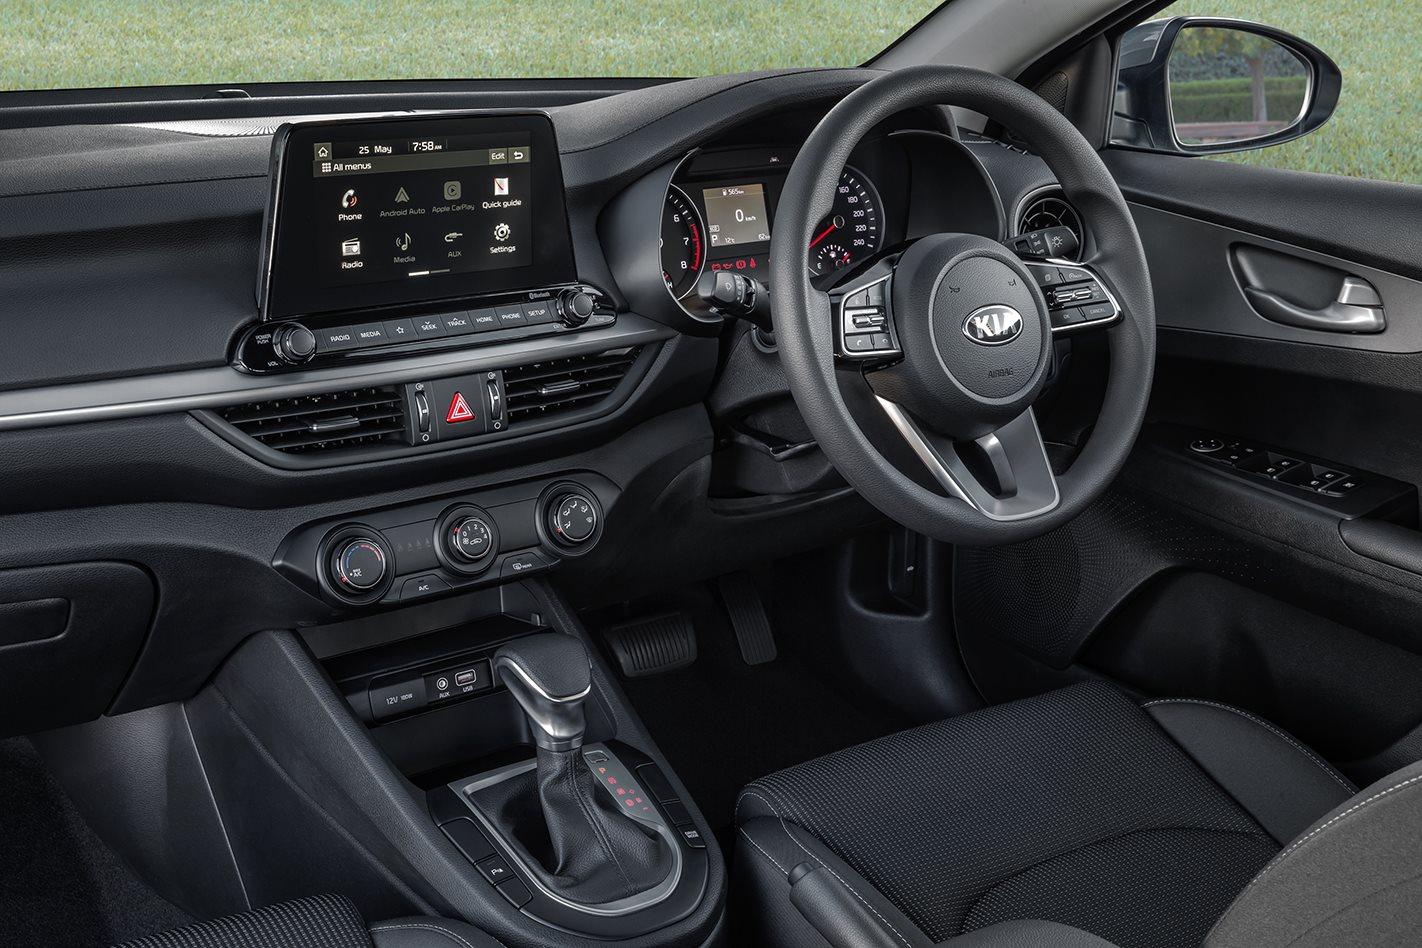 Kia Cerato Sedan 2019 Review, Price & Features | Australia